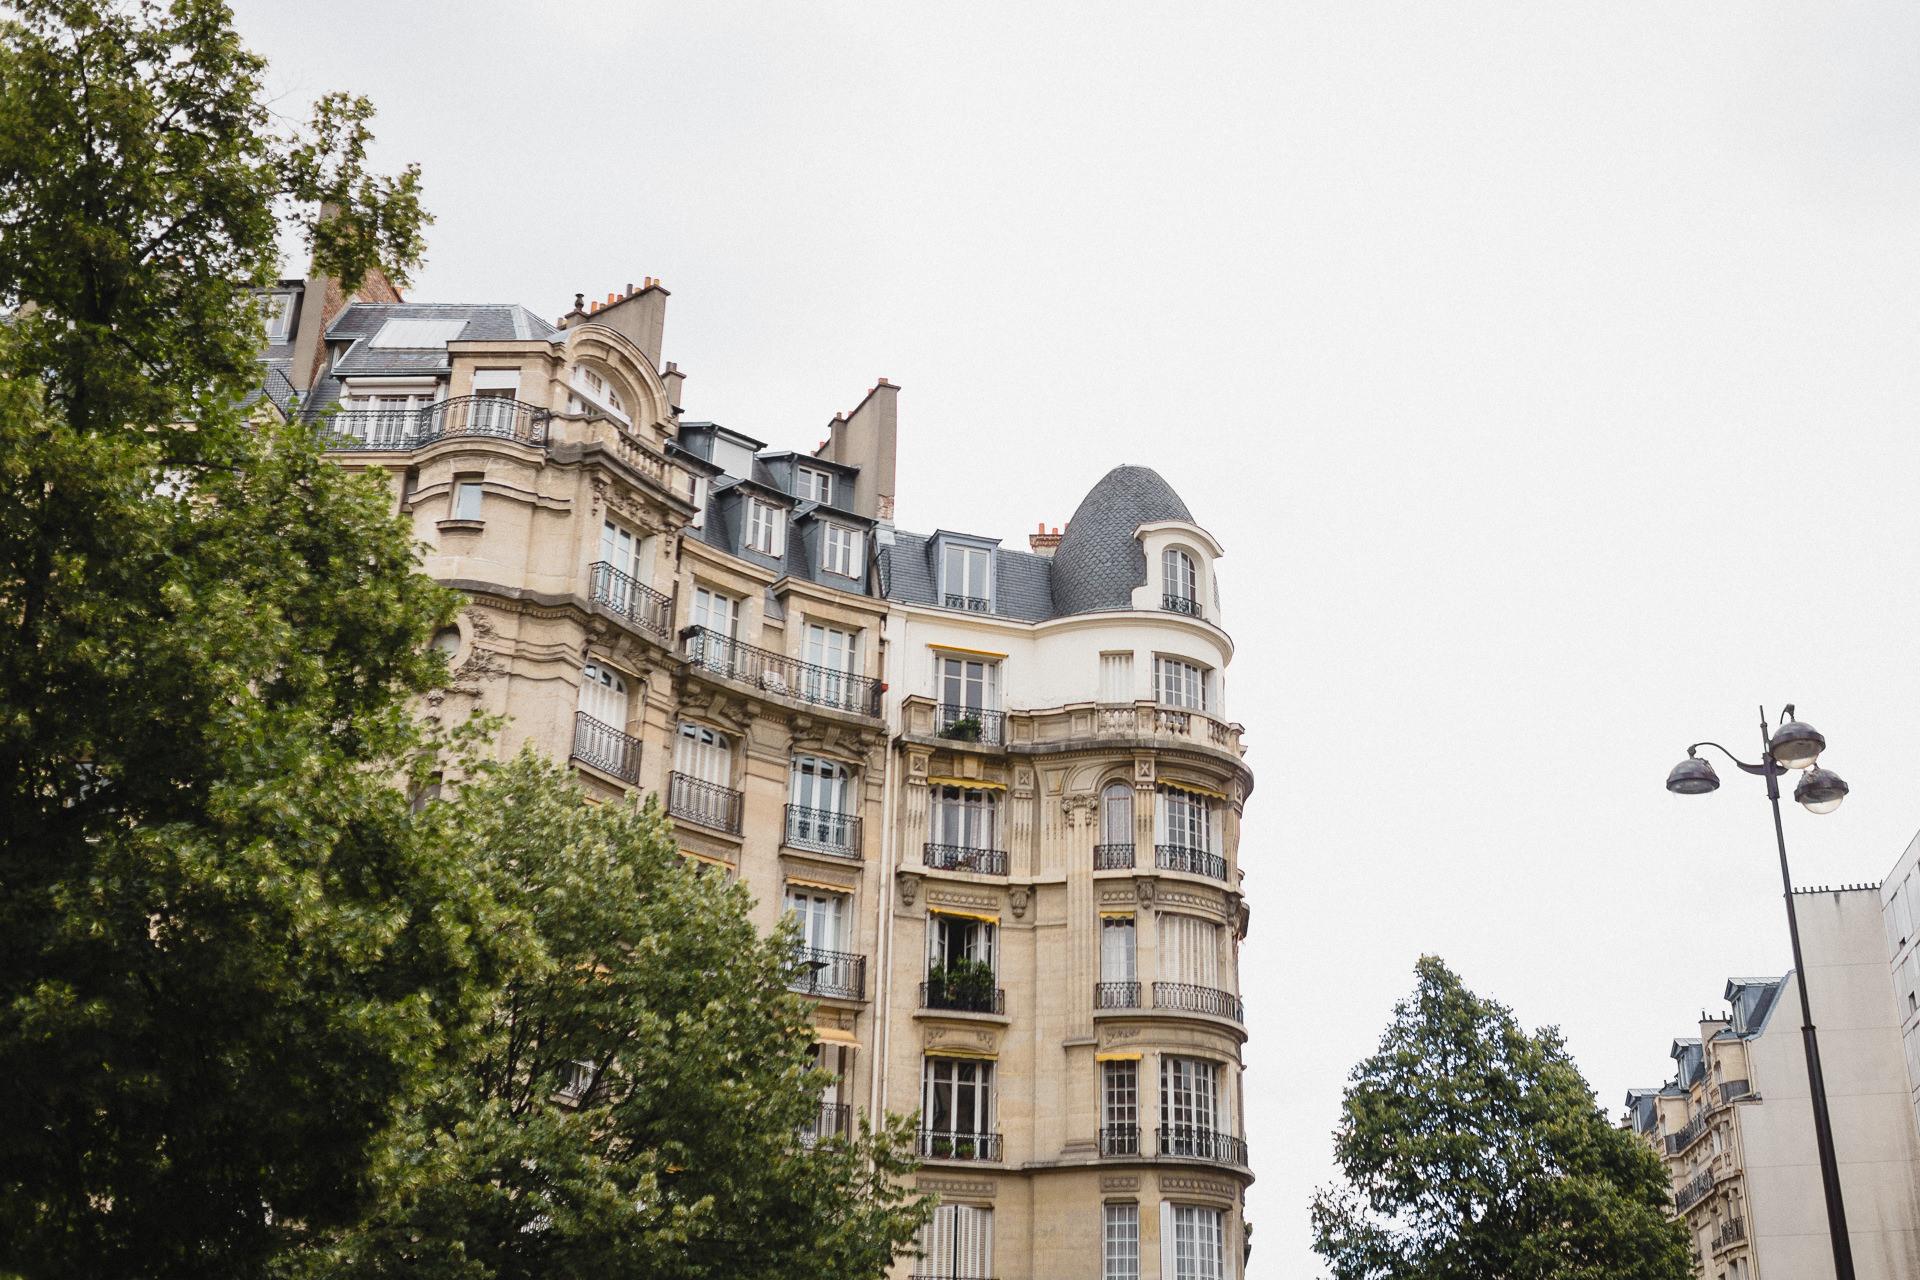 Mariage-Amandine-Guillaume-Paris-Bonnelles-Chateau-des-Clos-72